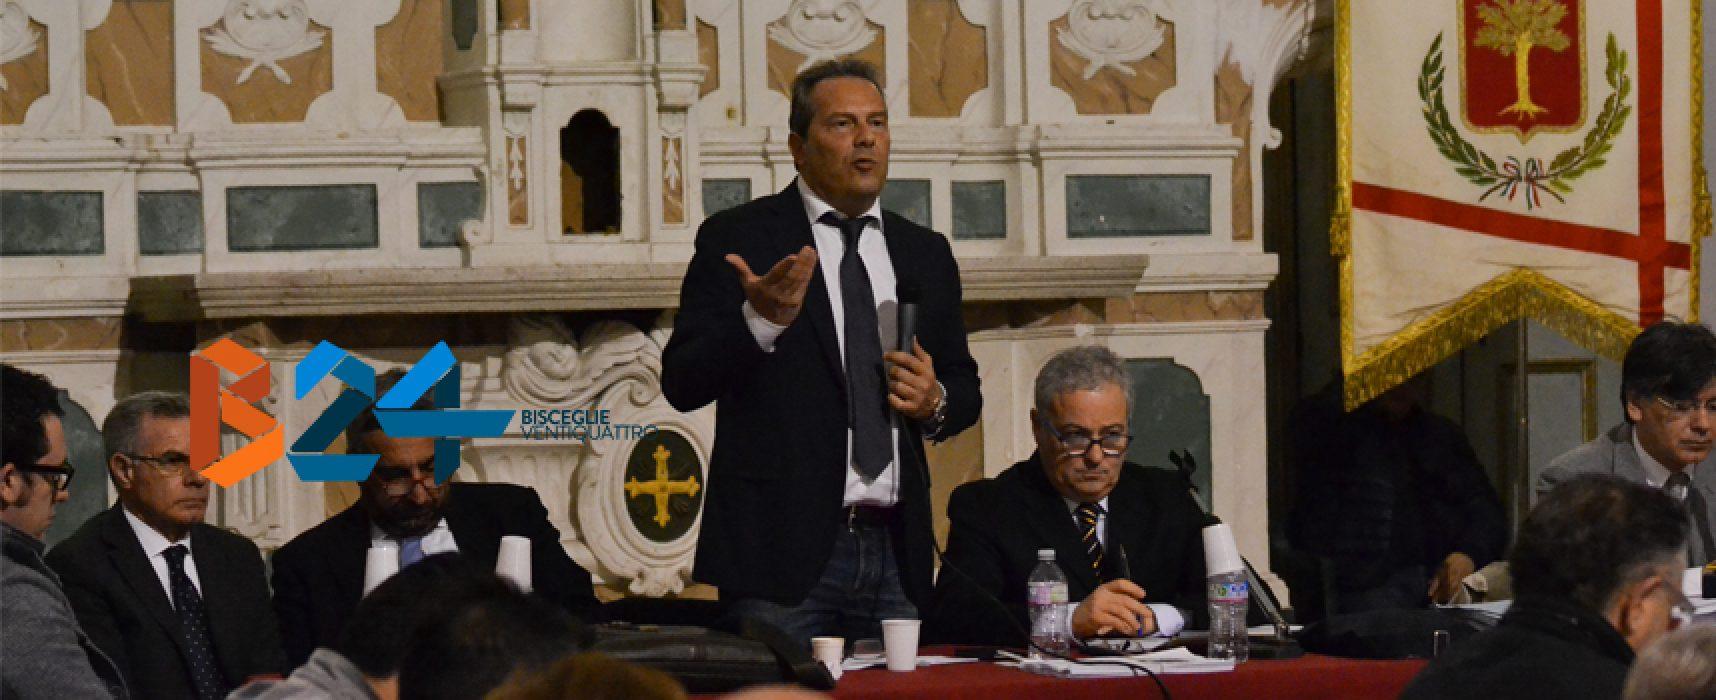 Incompatibilità sindaco Spina, venerdì 18 agosto nuovo atto in consiglio comunale